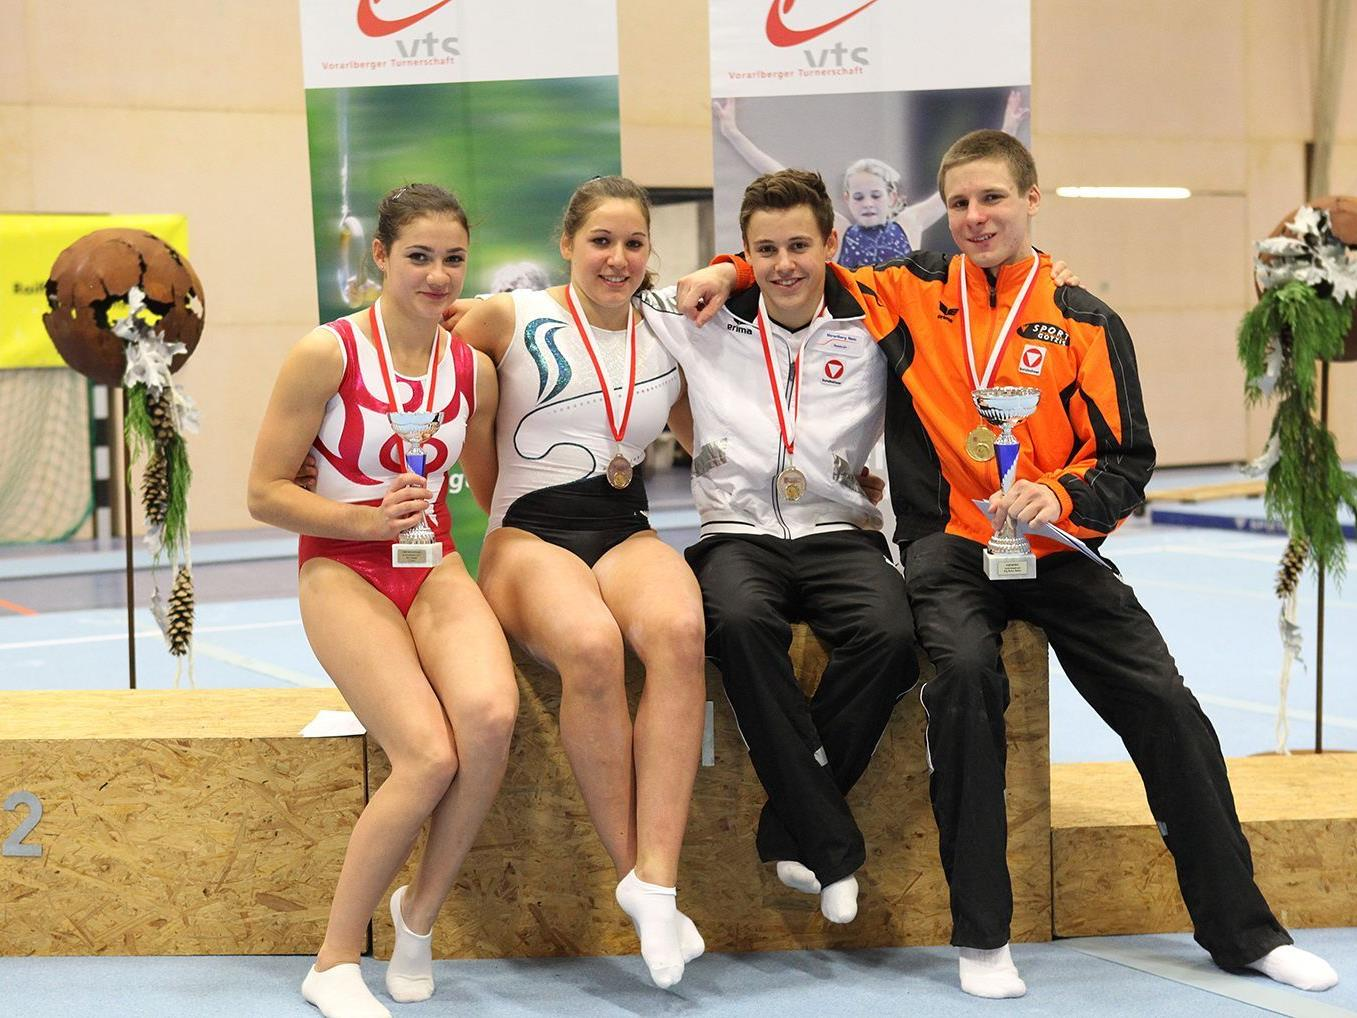 Favoritensiege gab es bei den landesweiten Titelkämpfen im Kunstturnen in Hohenems.